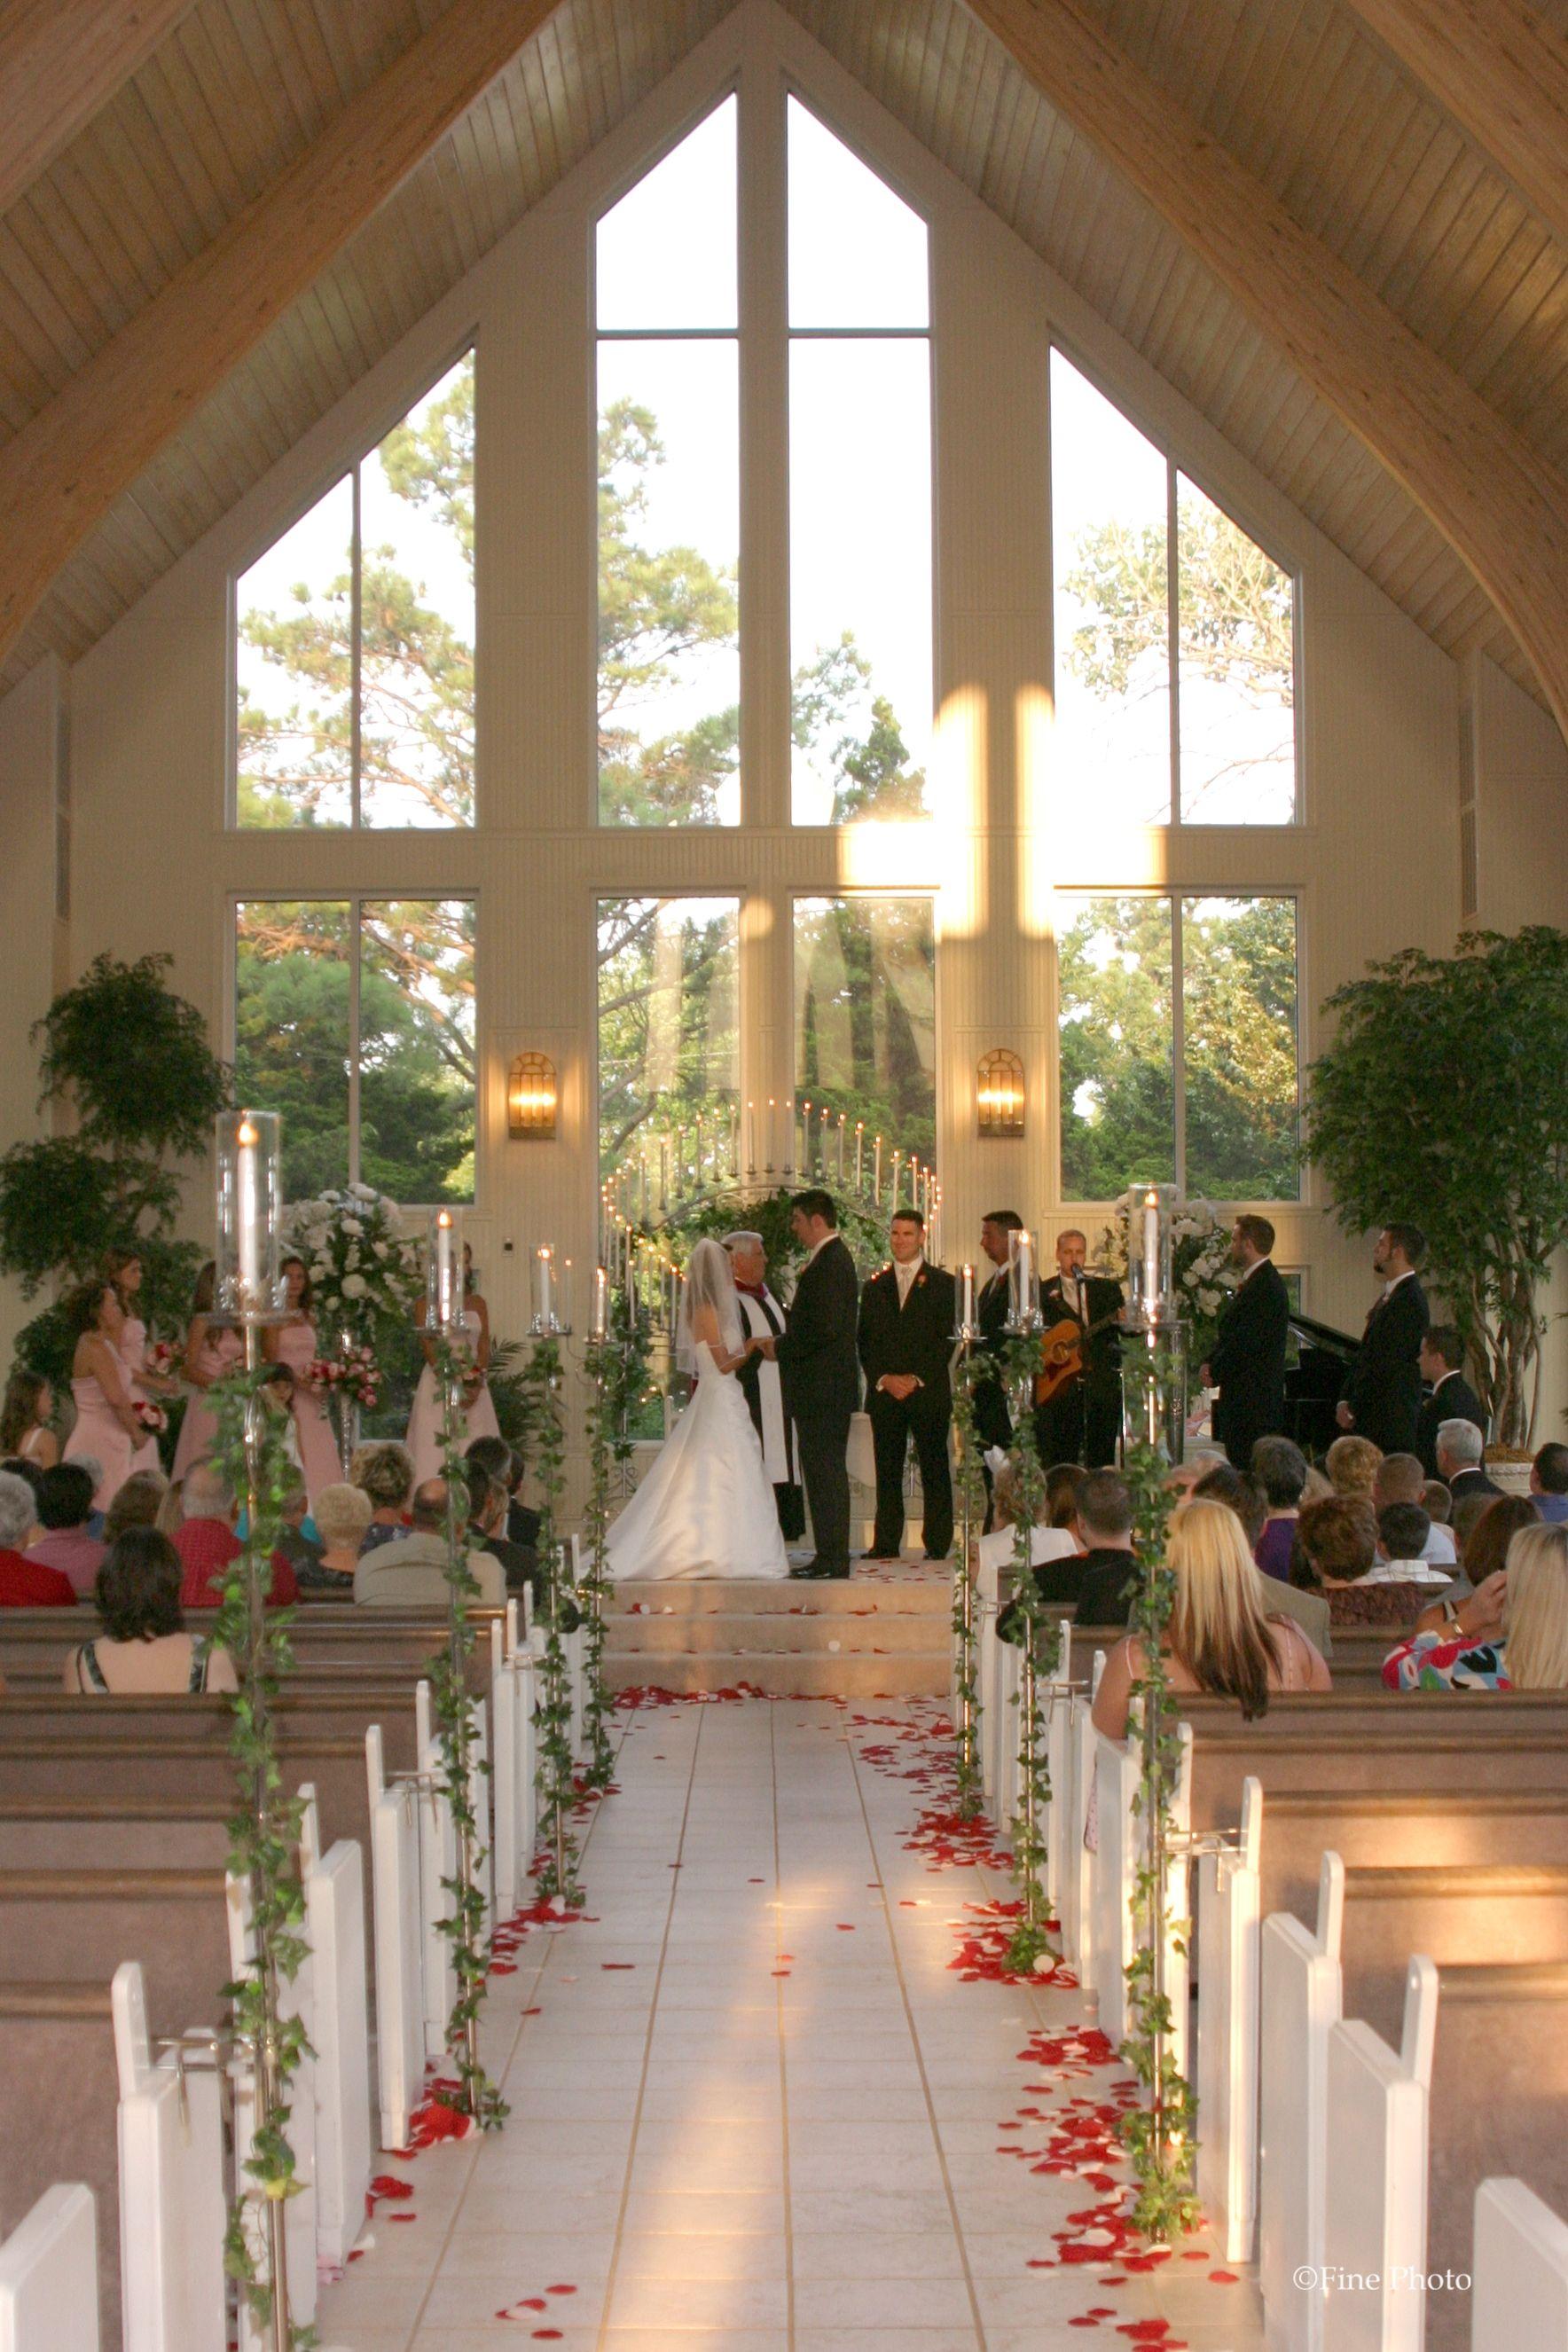 d144a0e728dea909fa4d96dd074d4a49 - The Gardens Wedding Chapel Oklahoma City